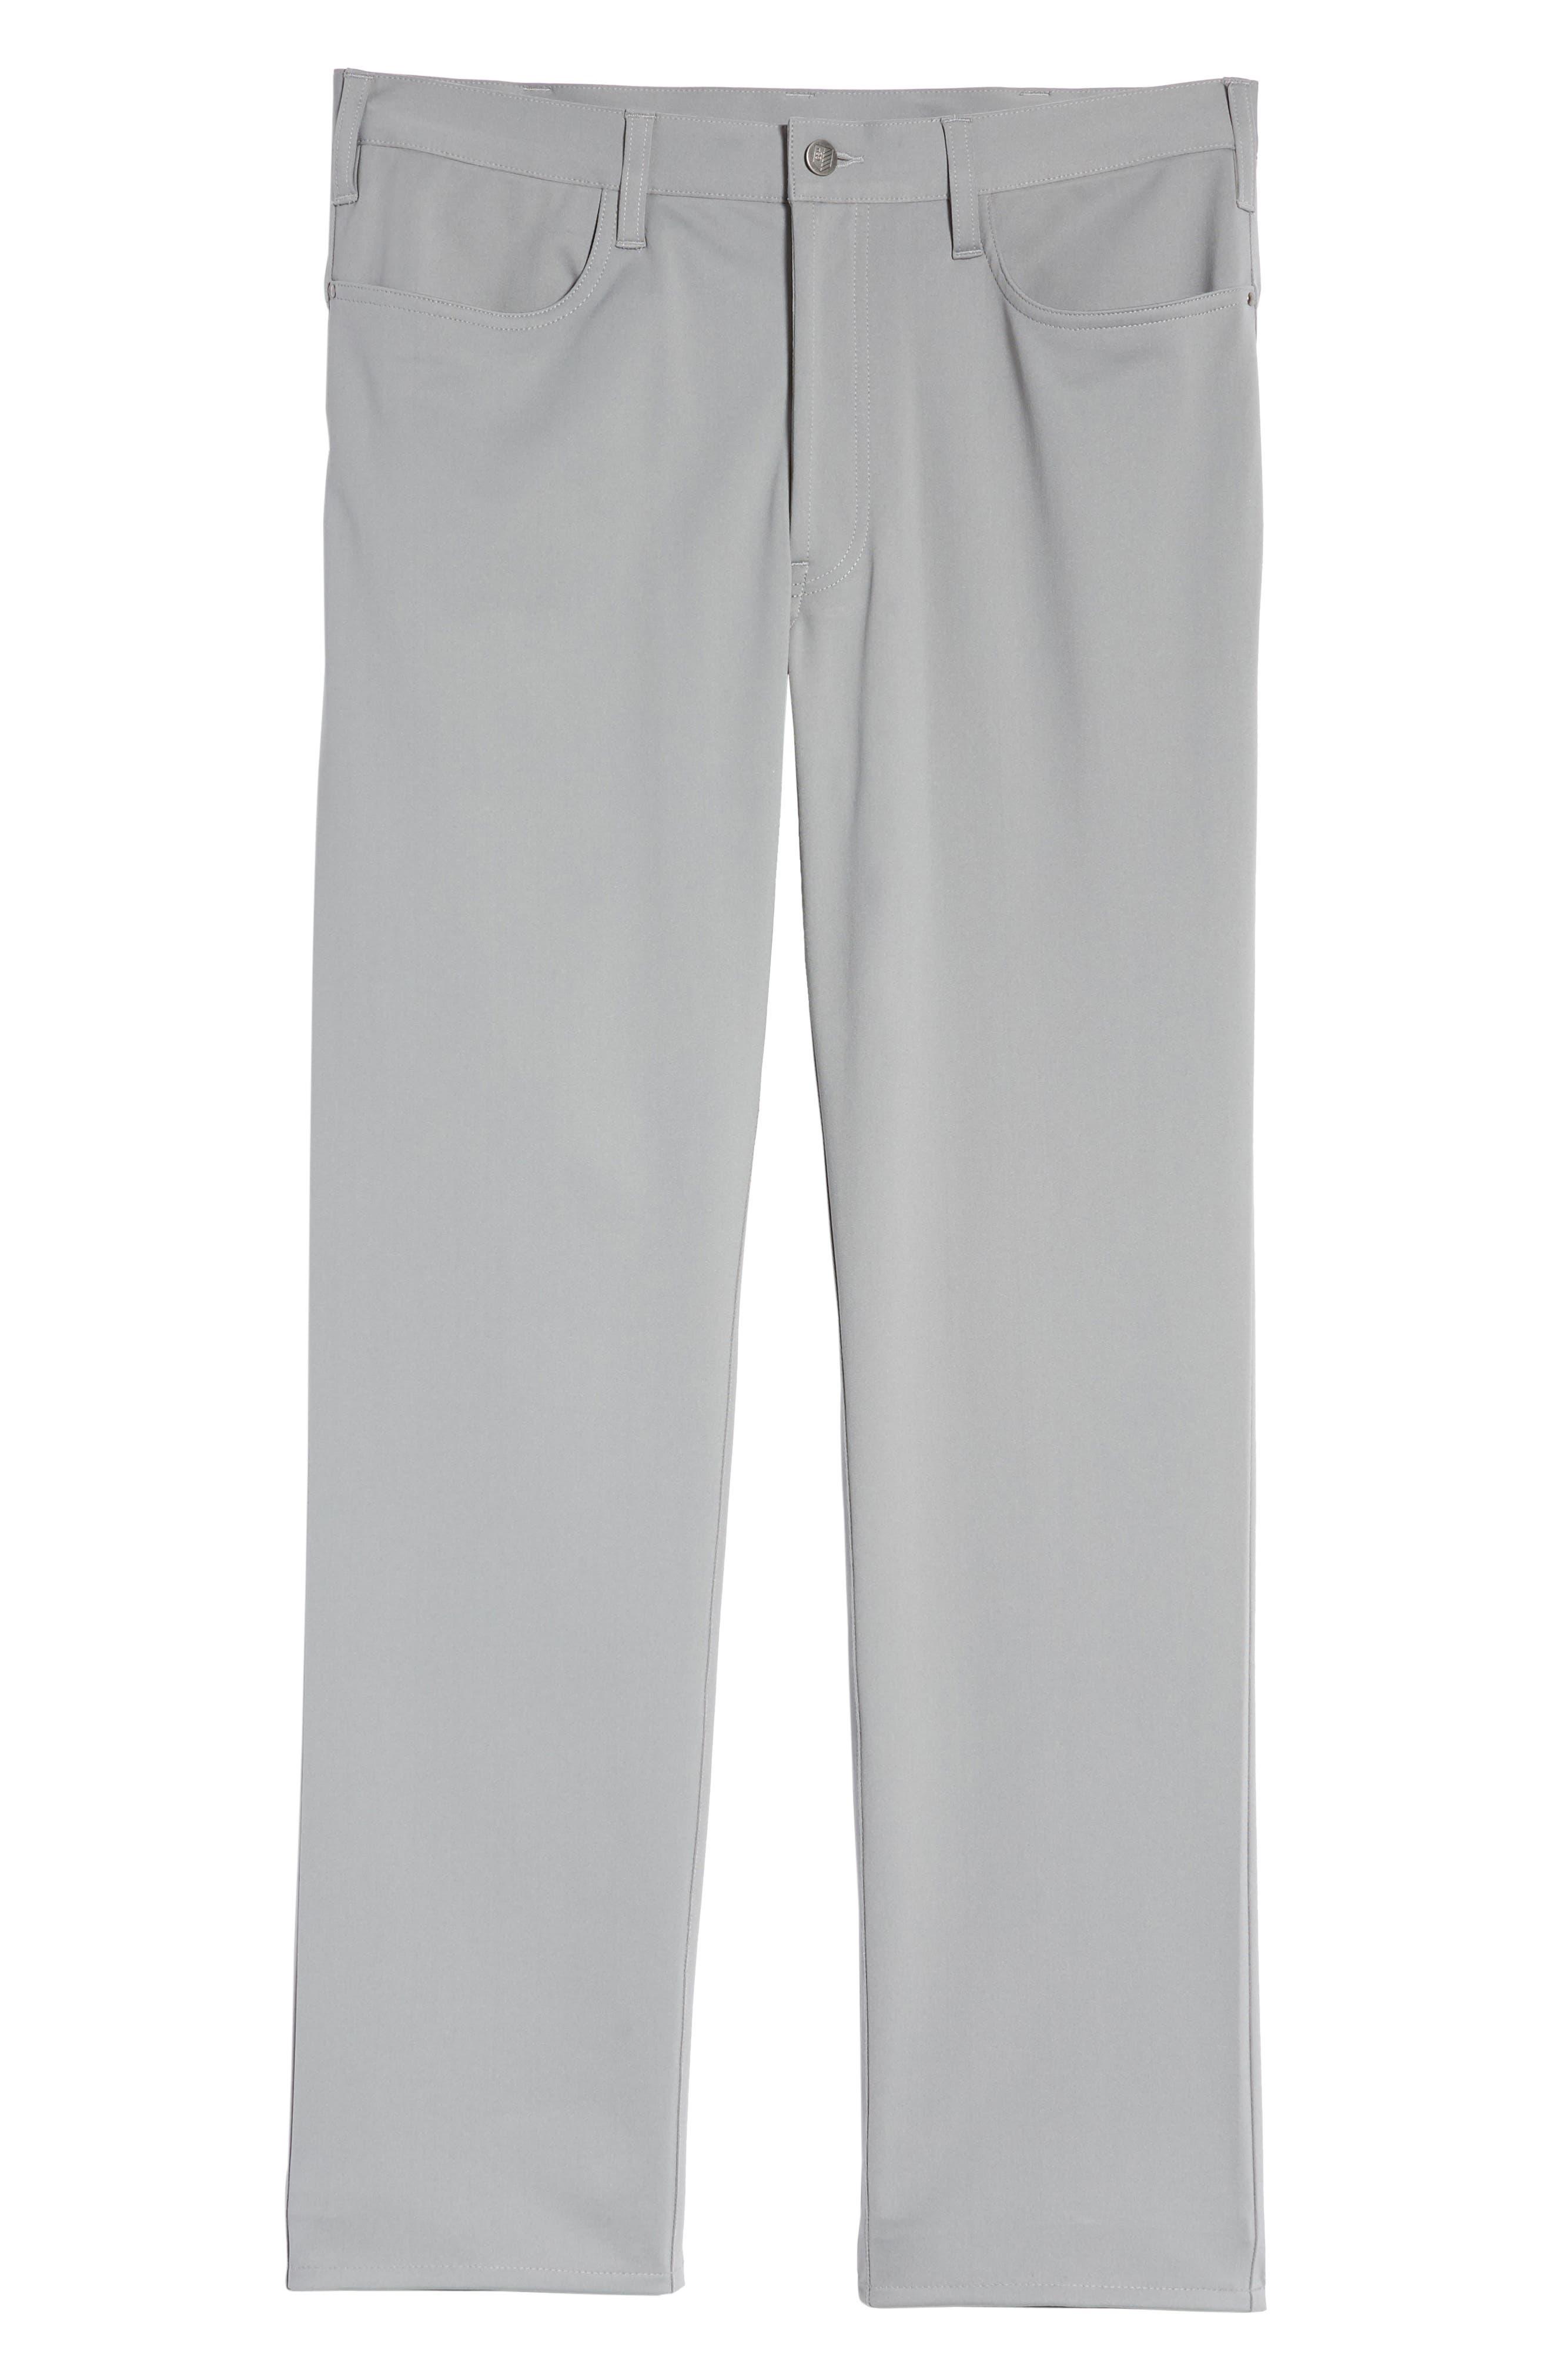 R18 Tech Pants,                             Alternate thumbnail 6, color,                             GRAPHITE